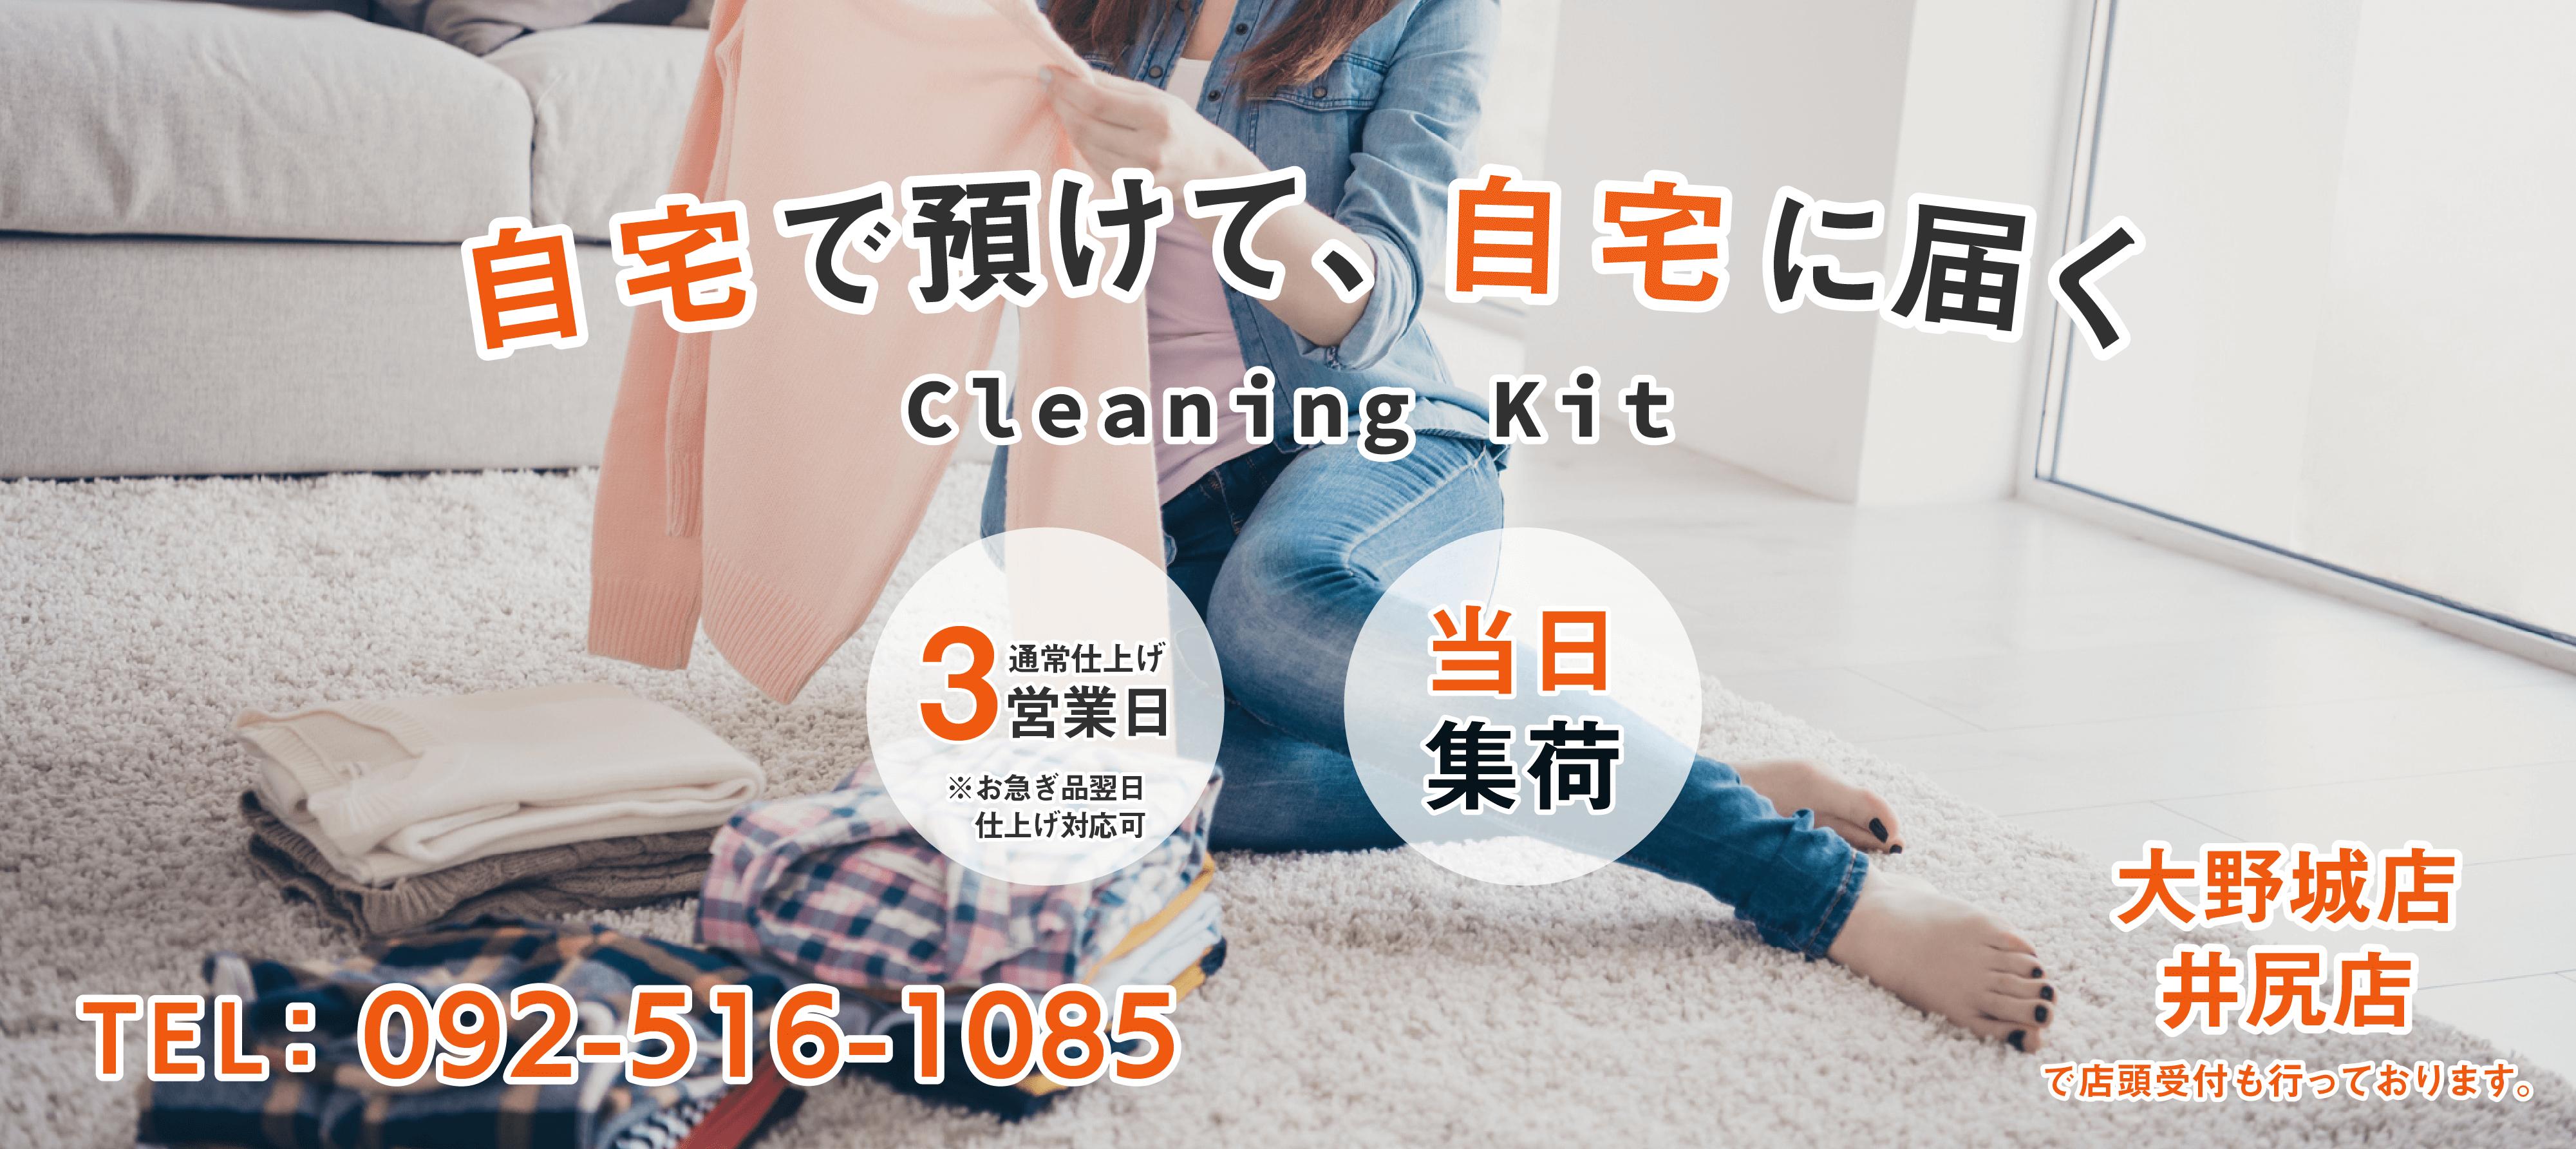 宅配クリーニングサービス Cleaning Kit | 春日市・大野城市・福岡市